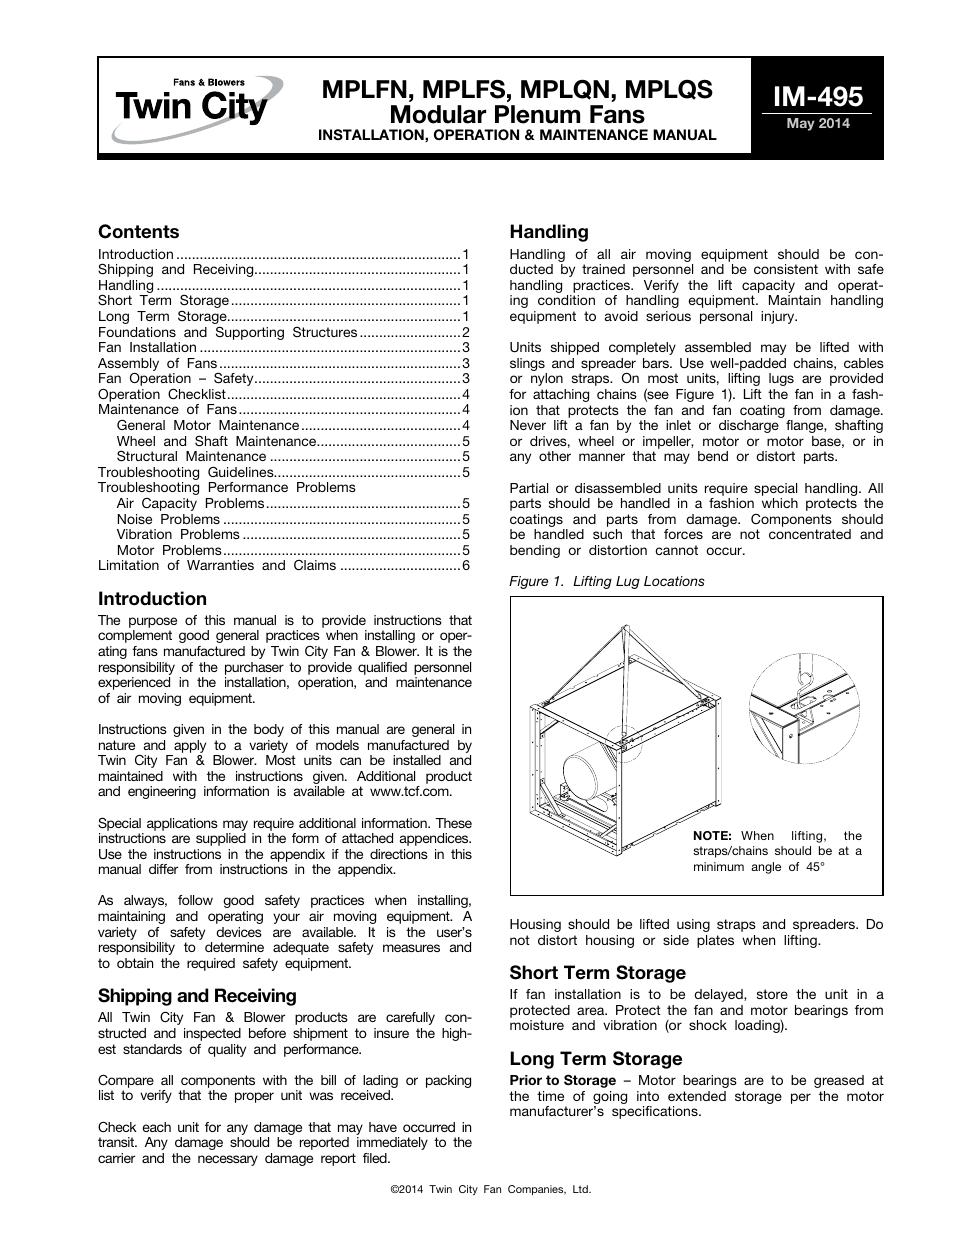 Air Im Report Contents Kuxniya Twin City Fan Wiring Diagram Modular Plenum Fans Mplfn Mplfs Mplqn Mplqs